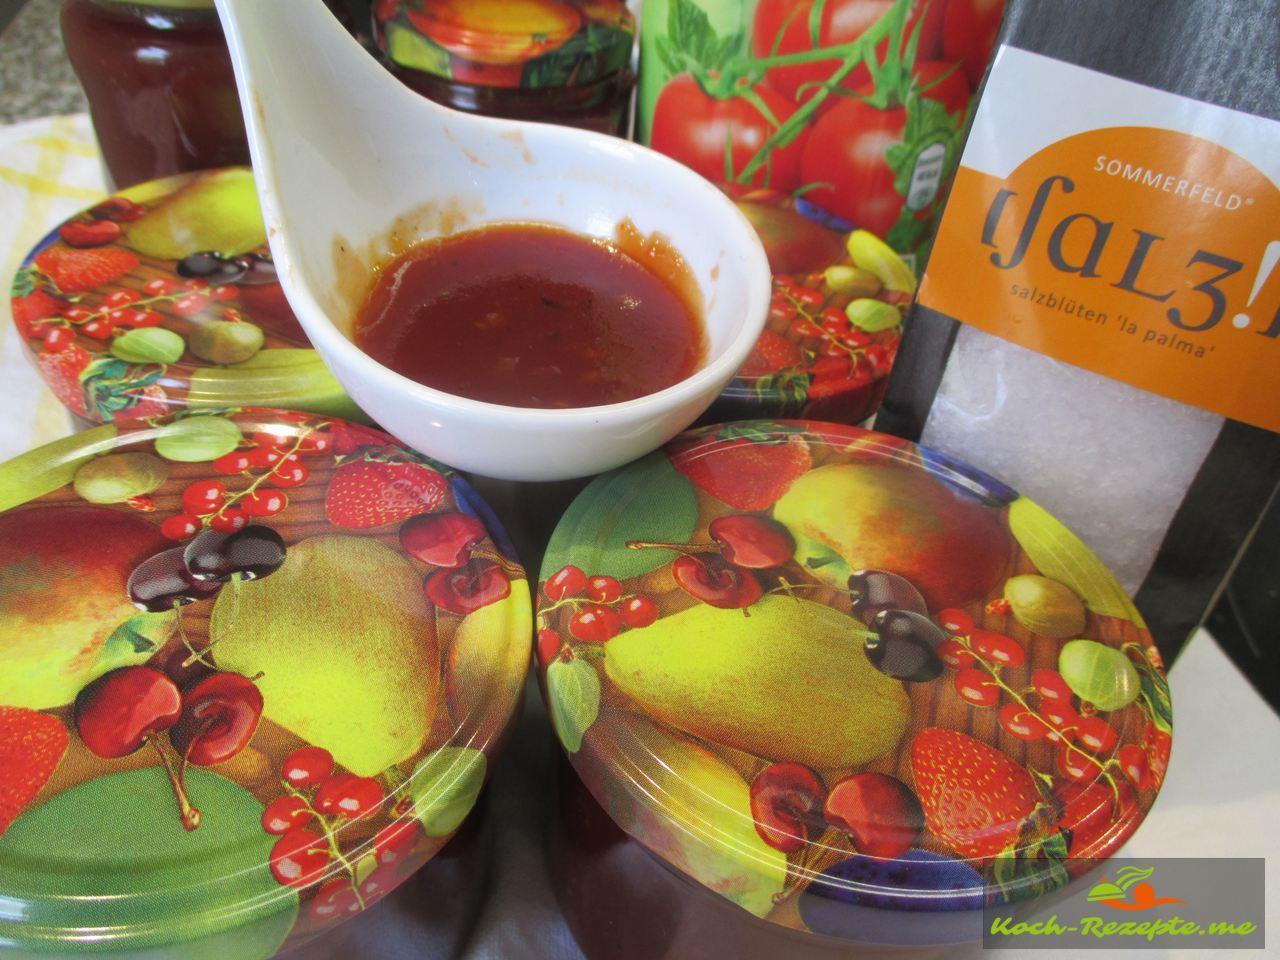 ich nehmen Sommerfeld Meersalz für die Tomatenmarmelade